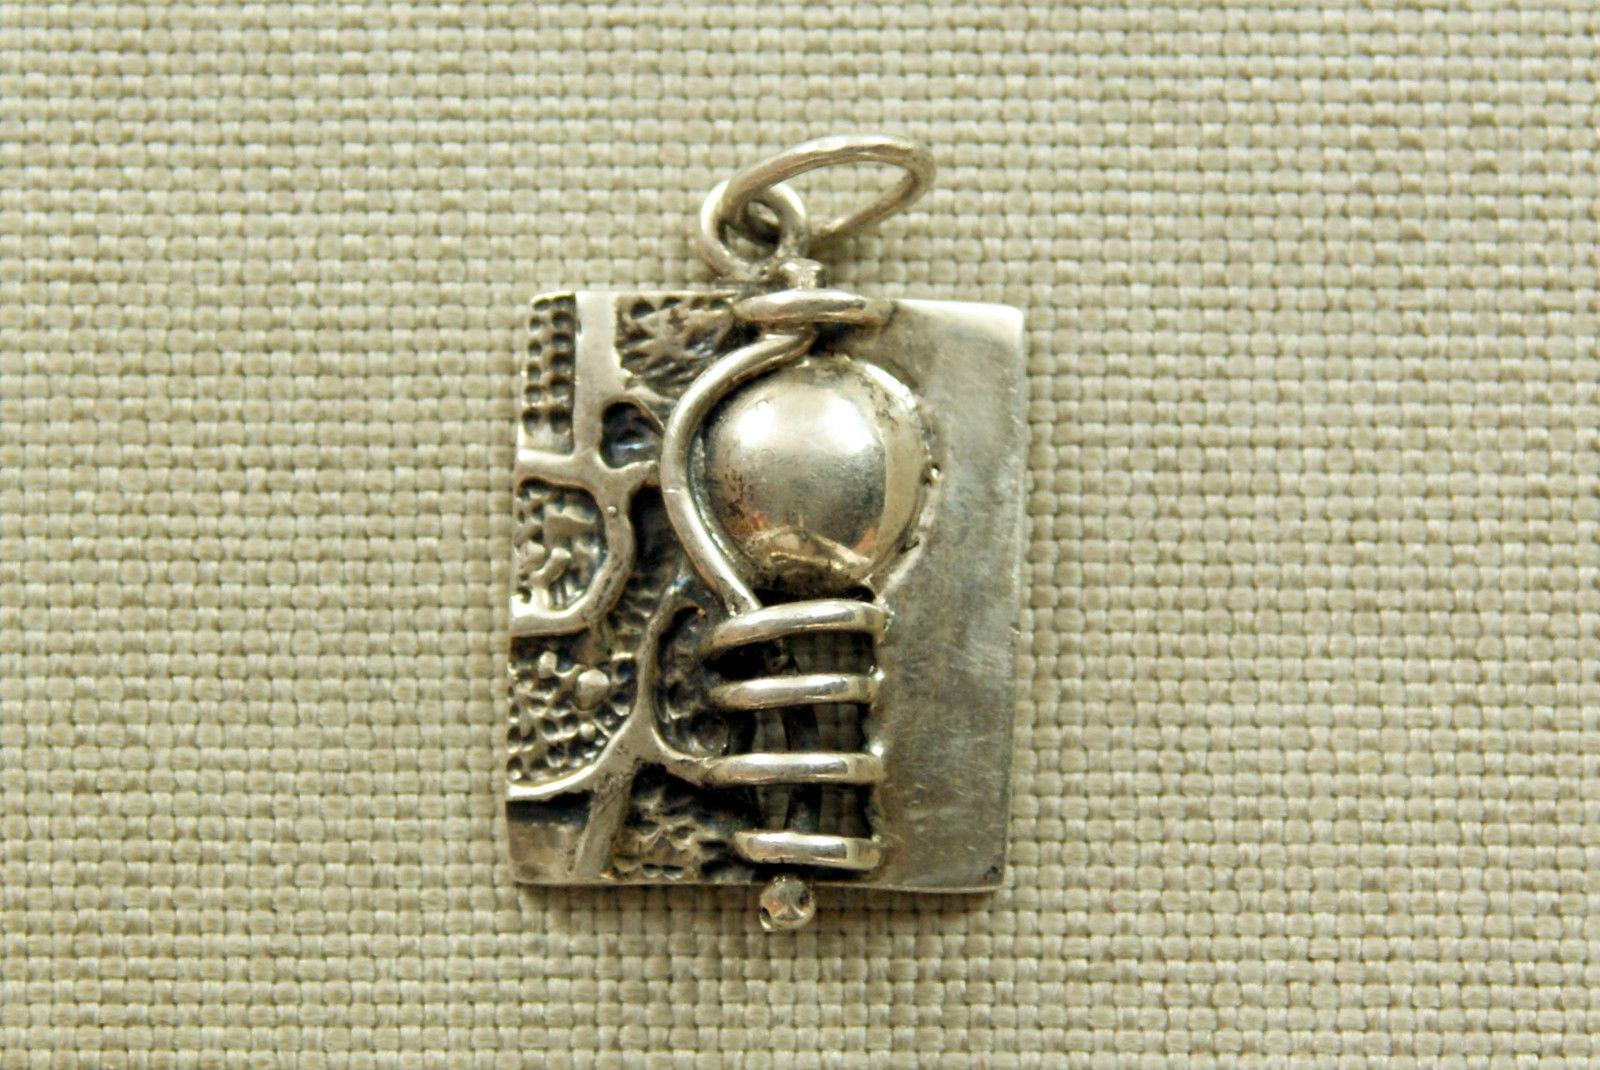 Art 925 SILBER Anhänger pendant Schmuck silver charm für Kette jewellry RAR